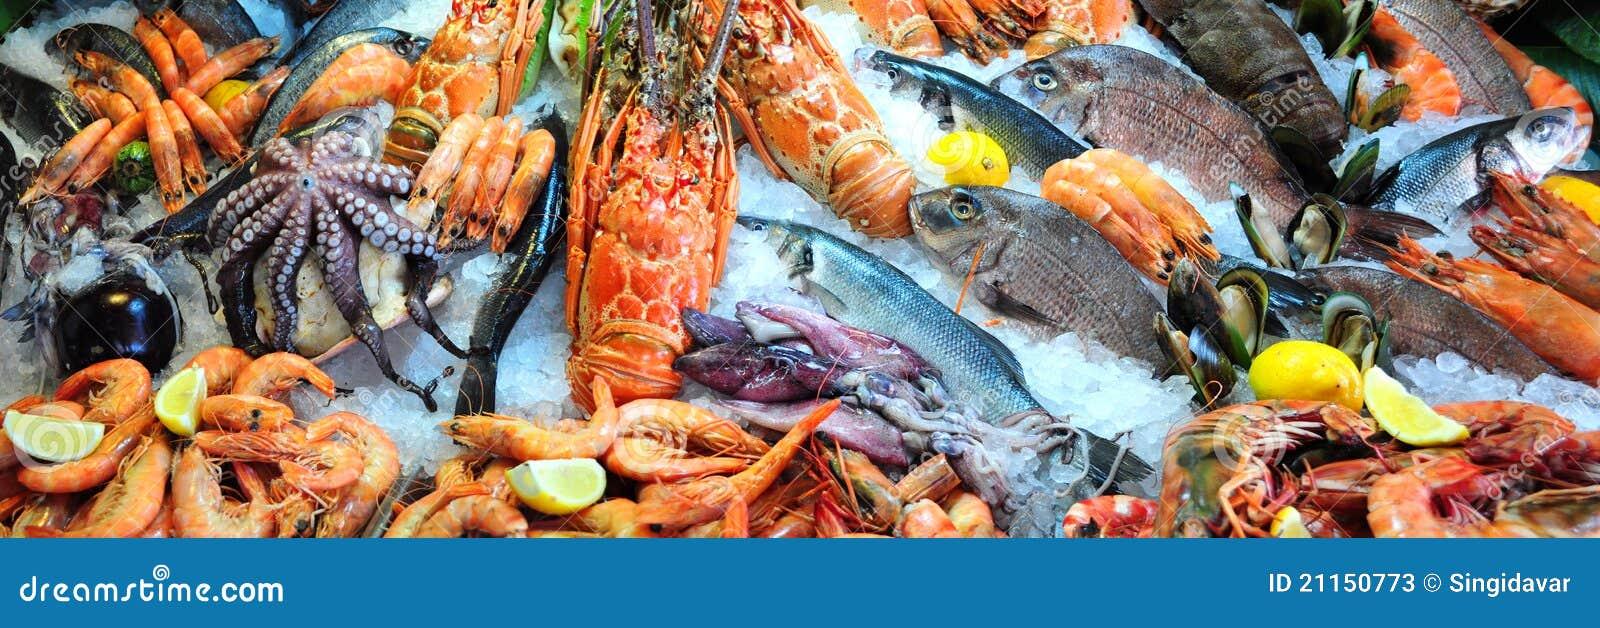 新鲜的海鲜